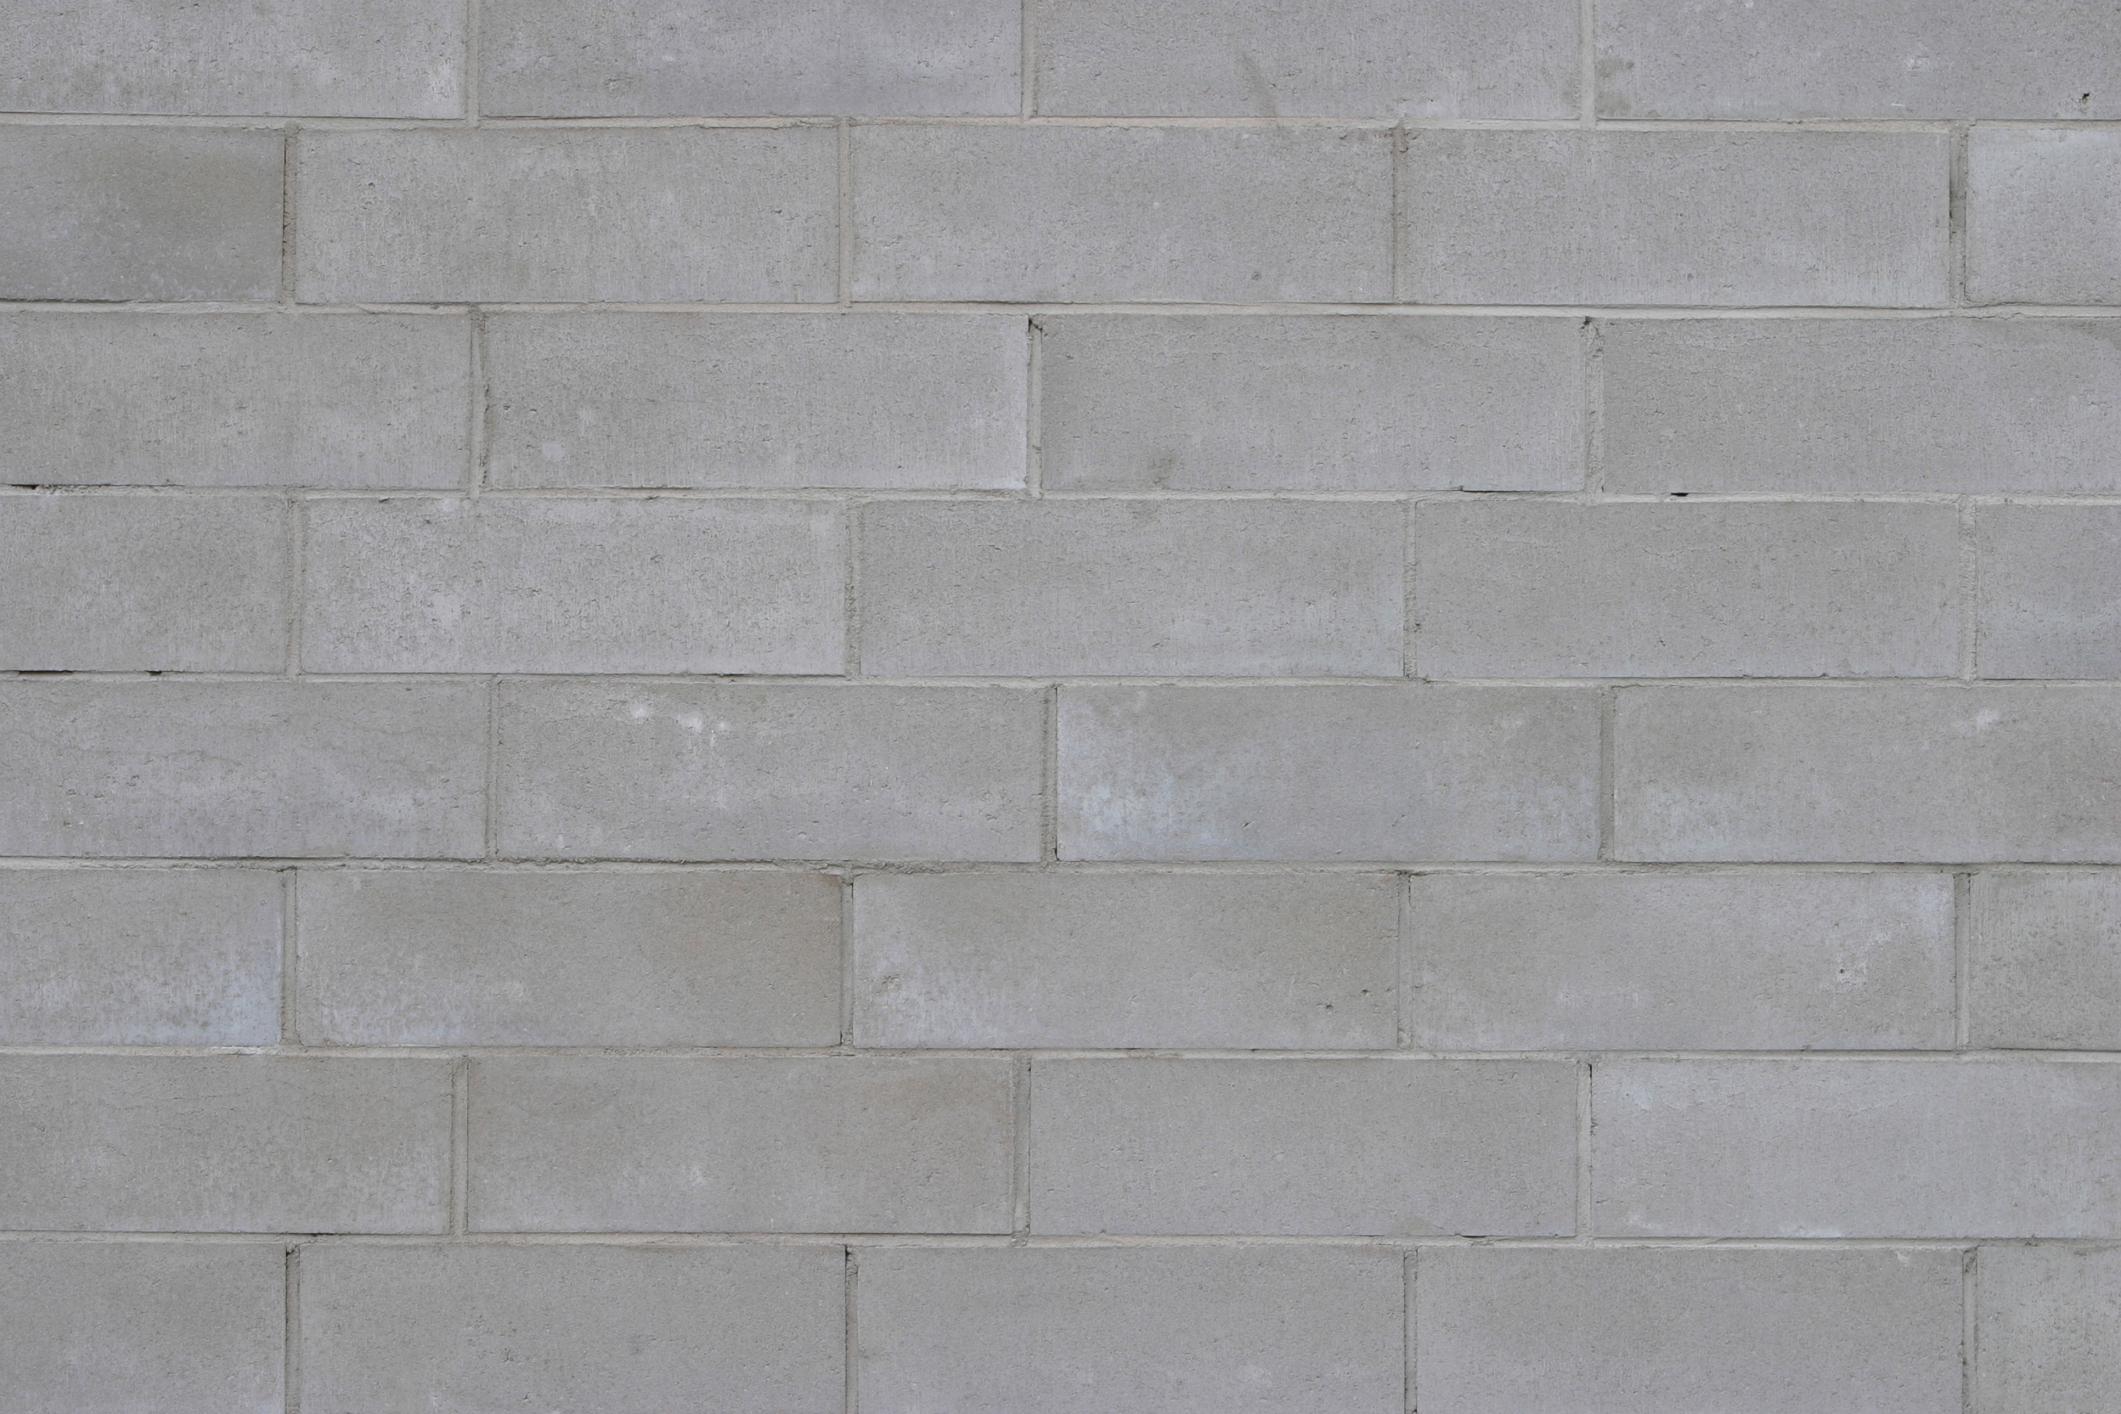 Lightweight concrete block disadvantages |